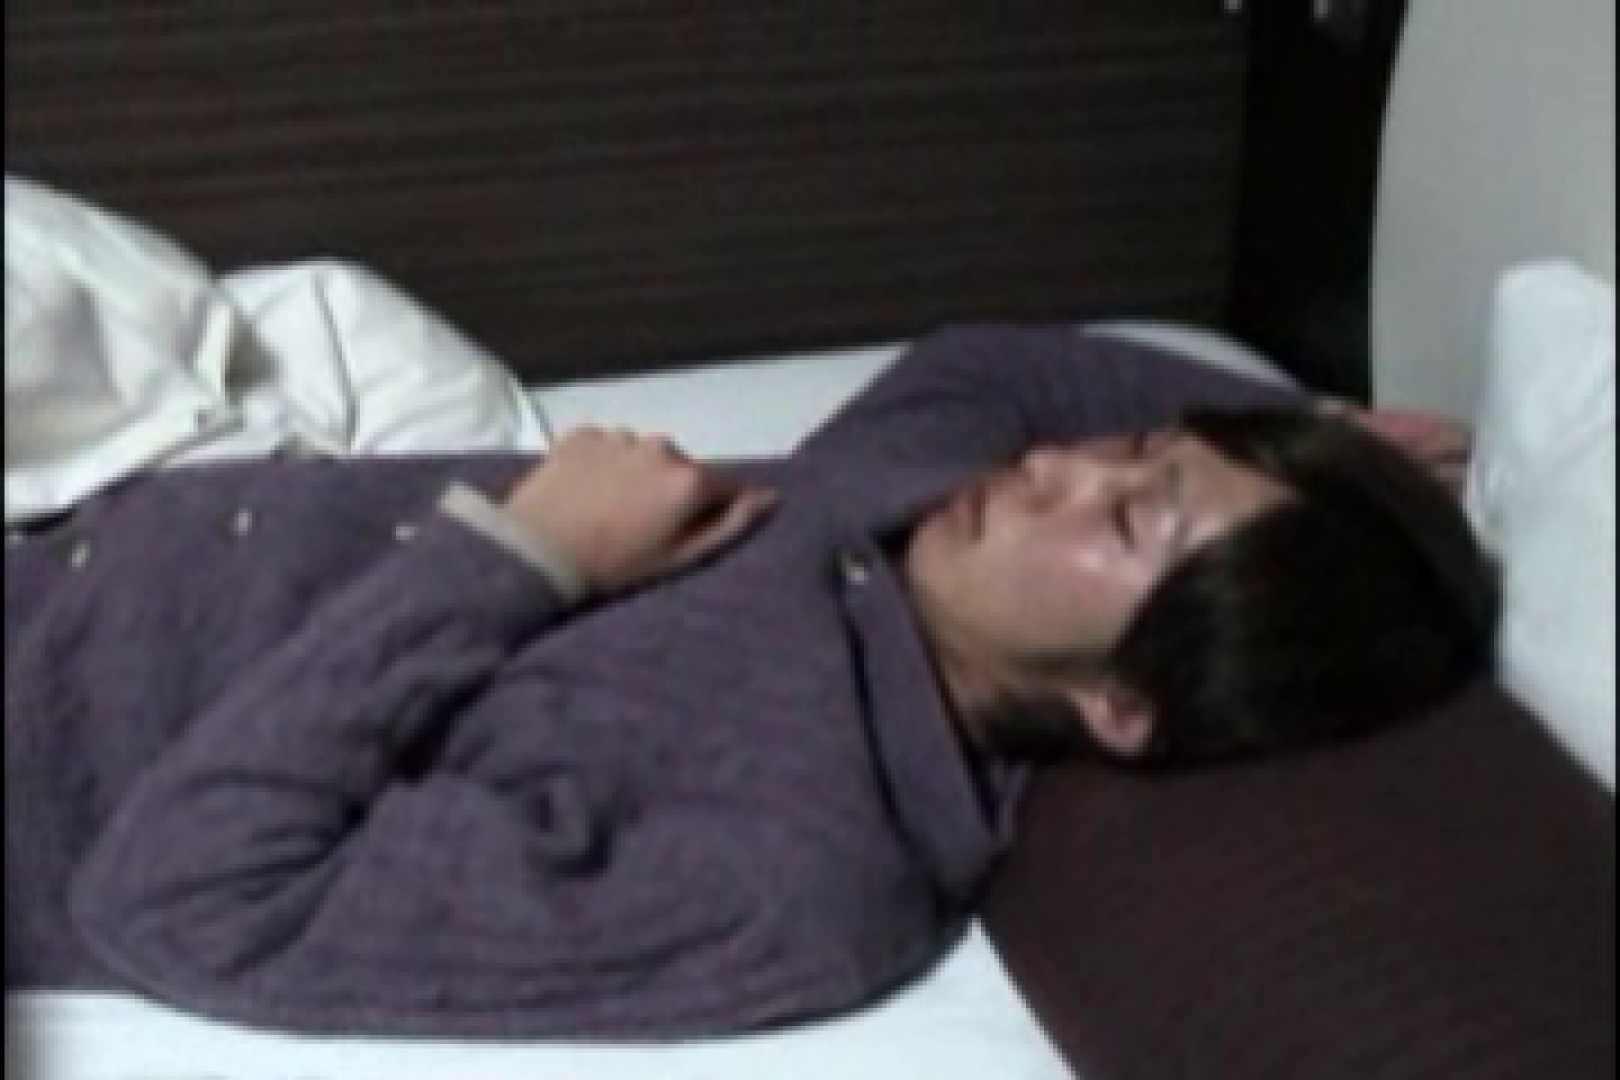 【個人買取】彼は夢の中、俺が潜入激撮!! 三ツ星盗撮 ゲイエロビデオ画像 104pic 27